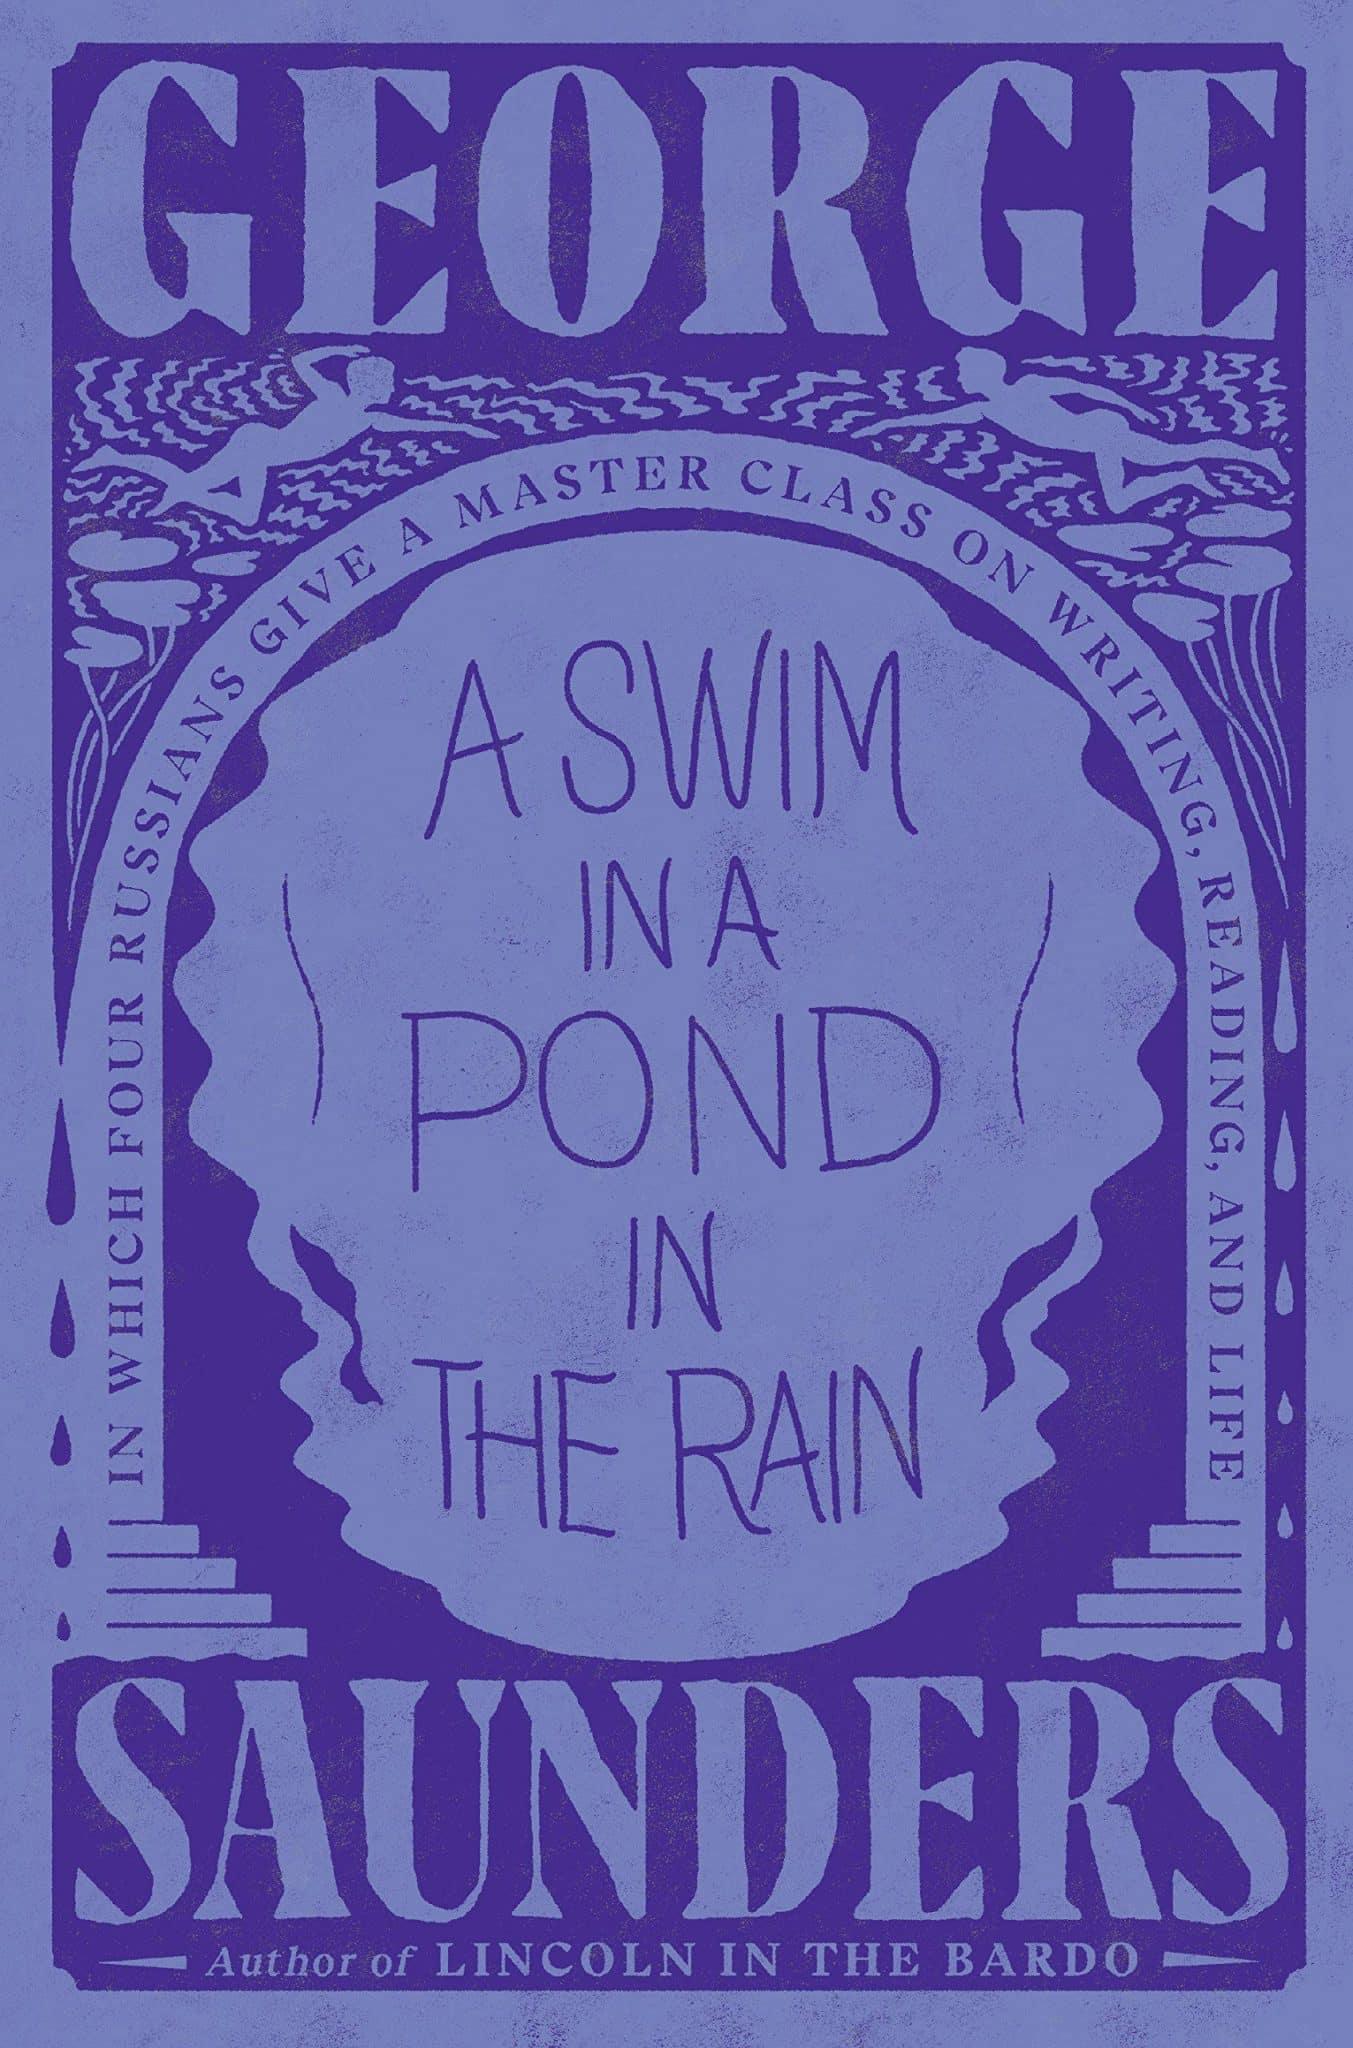 george saunders pond rain